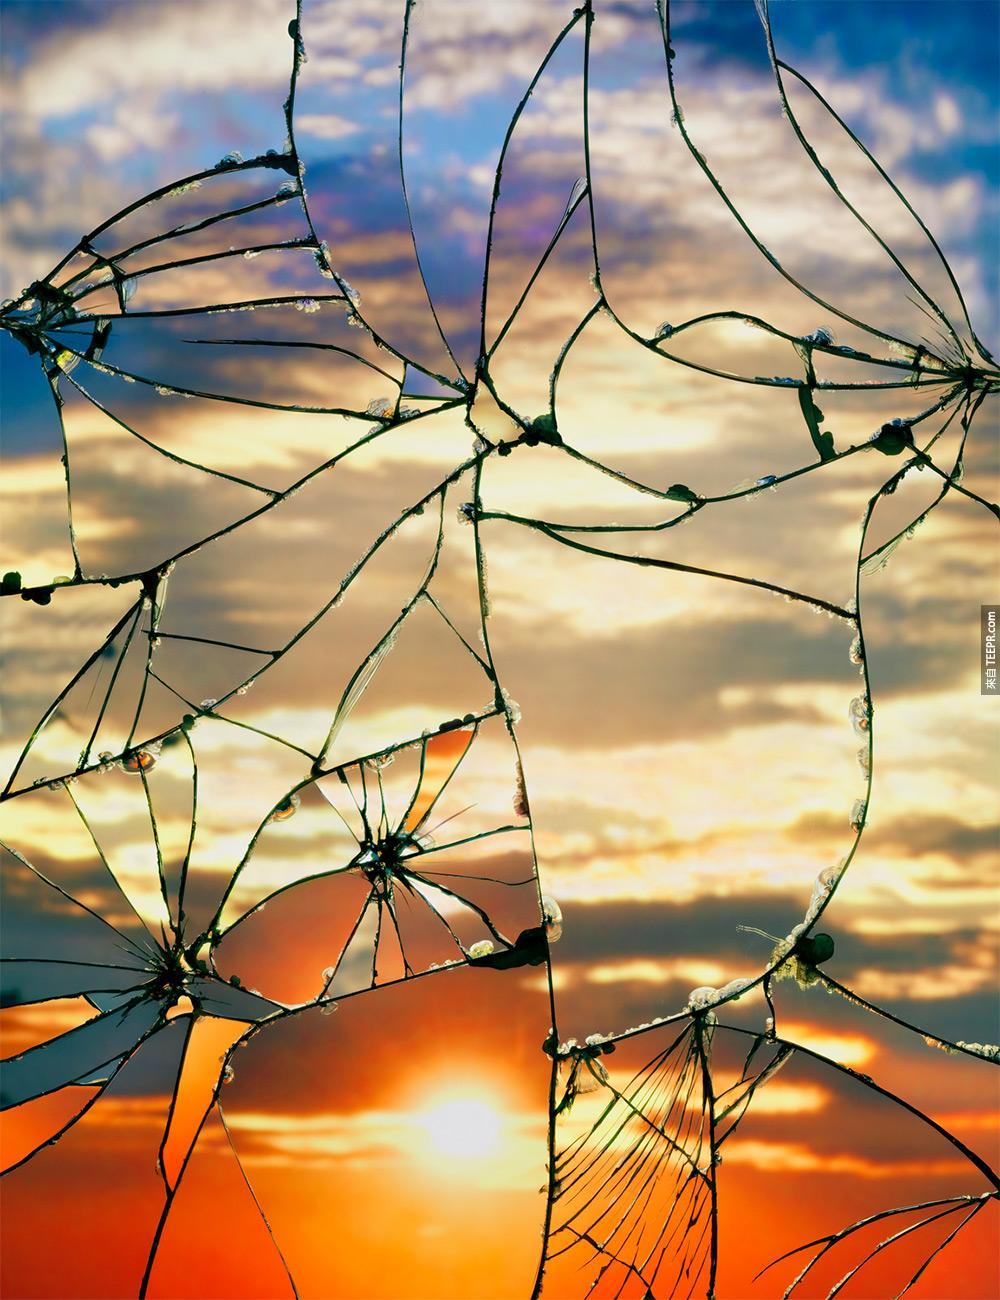 這名攝影師把破碎的鏡子變成完美的藝術。原來我的內心世界這樣的...